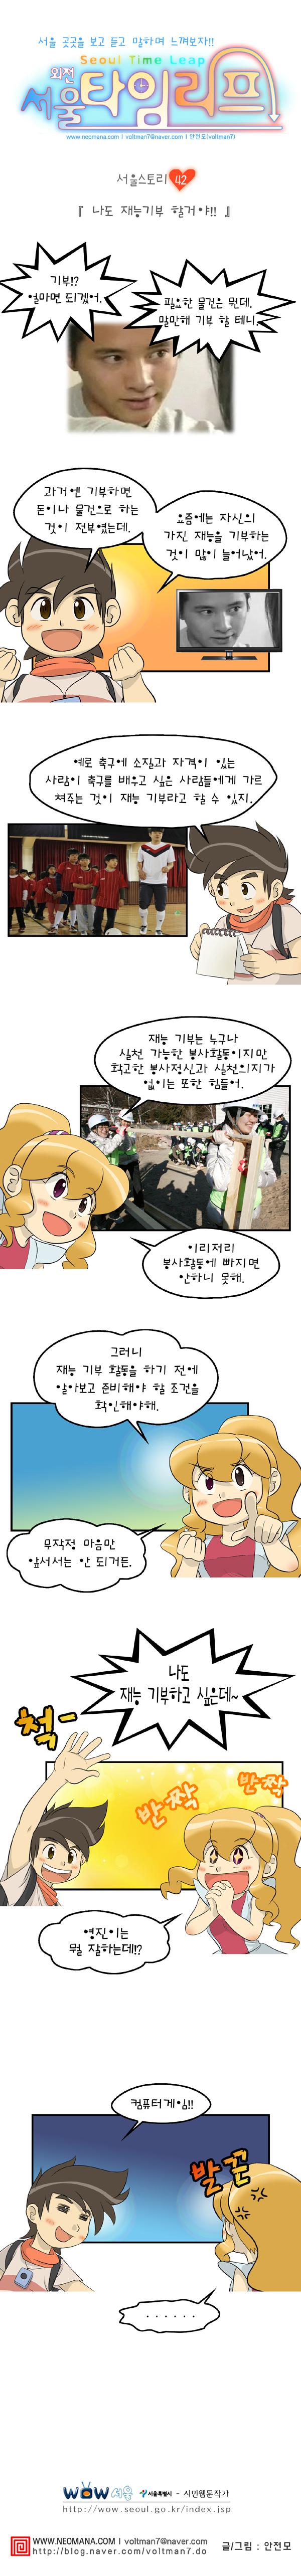 + 서울타임리프(외전) - 제42편『나도 재능기부 ..